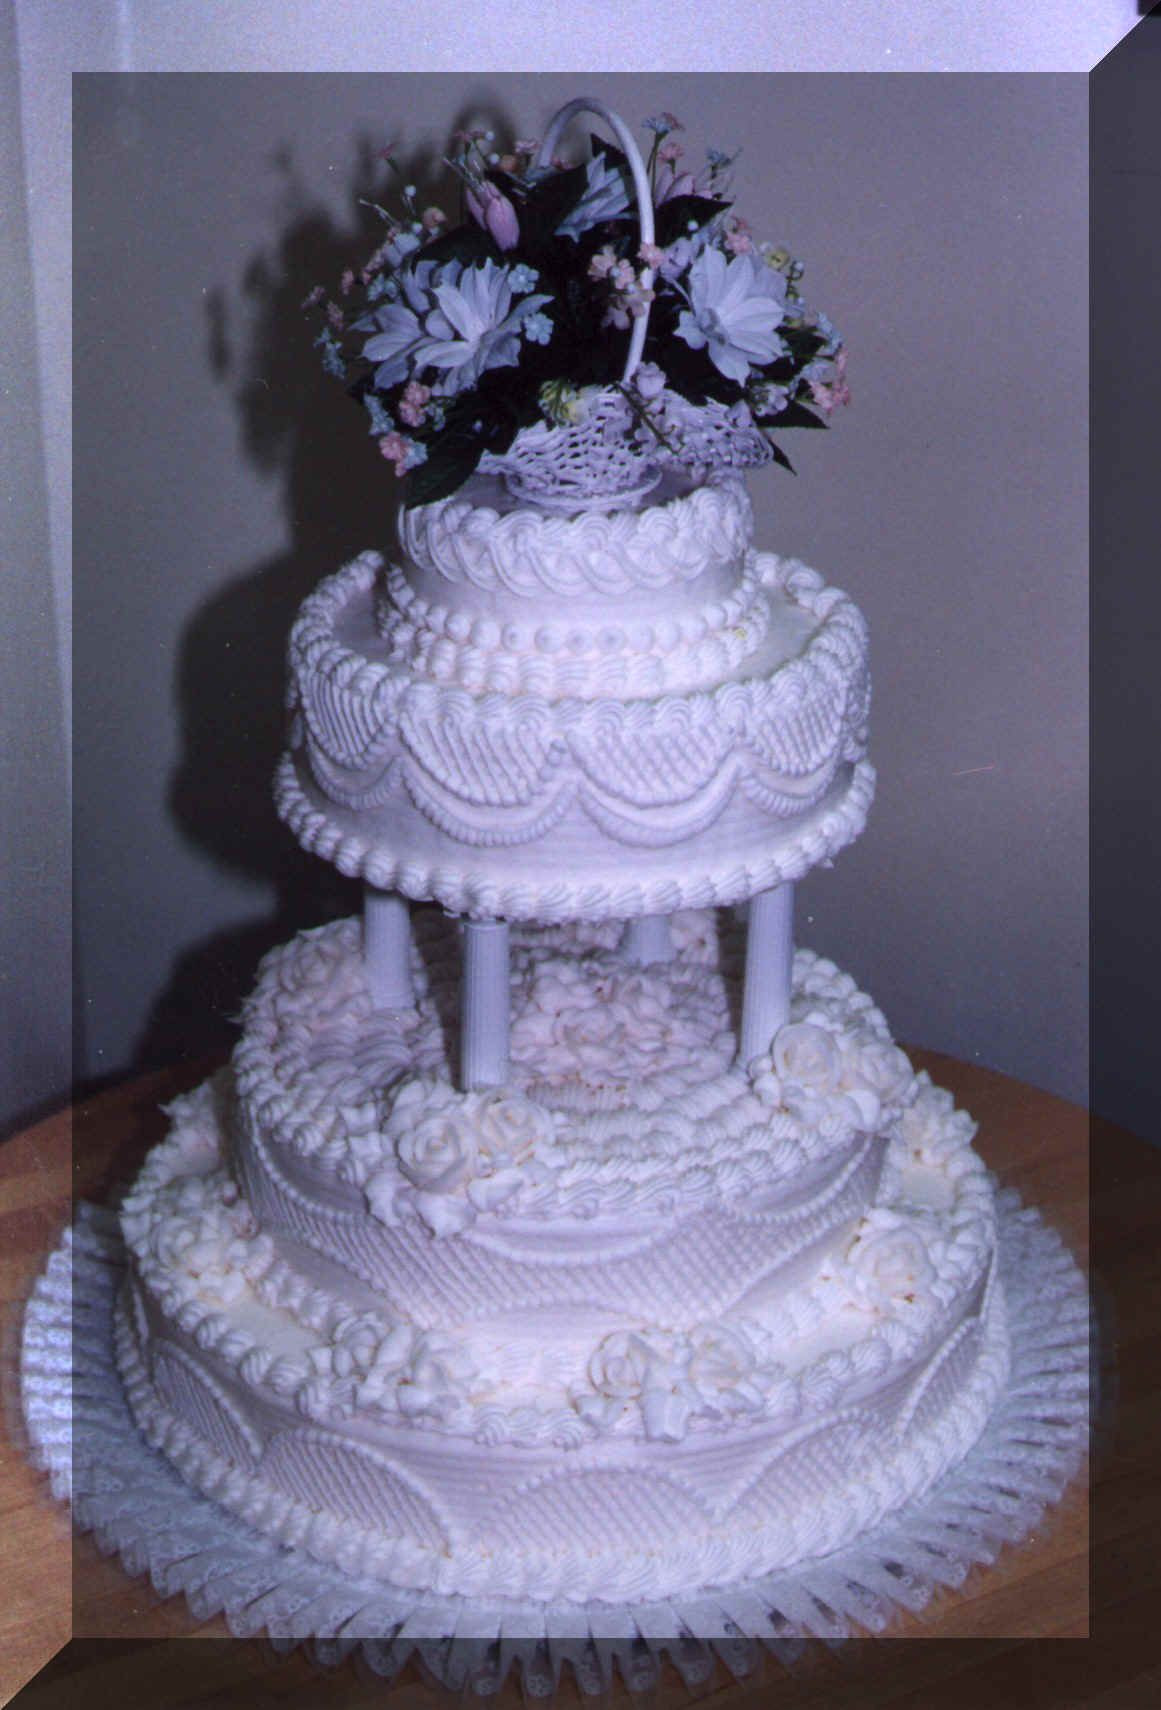 Prices For Wedding Cakes  Walmart Wedding Cakes Prices